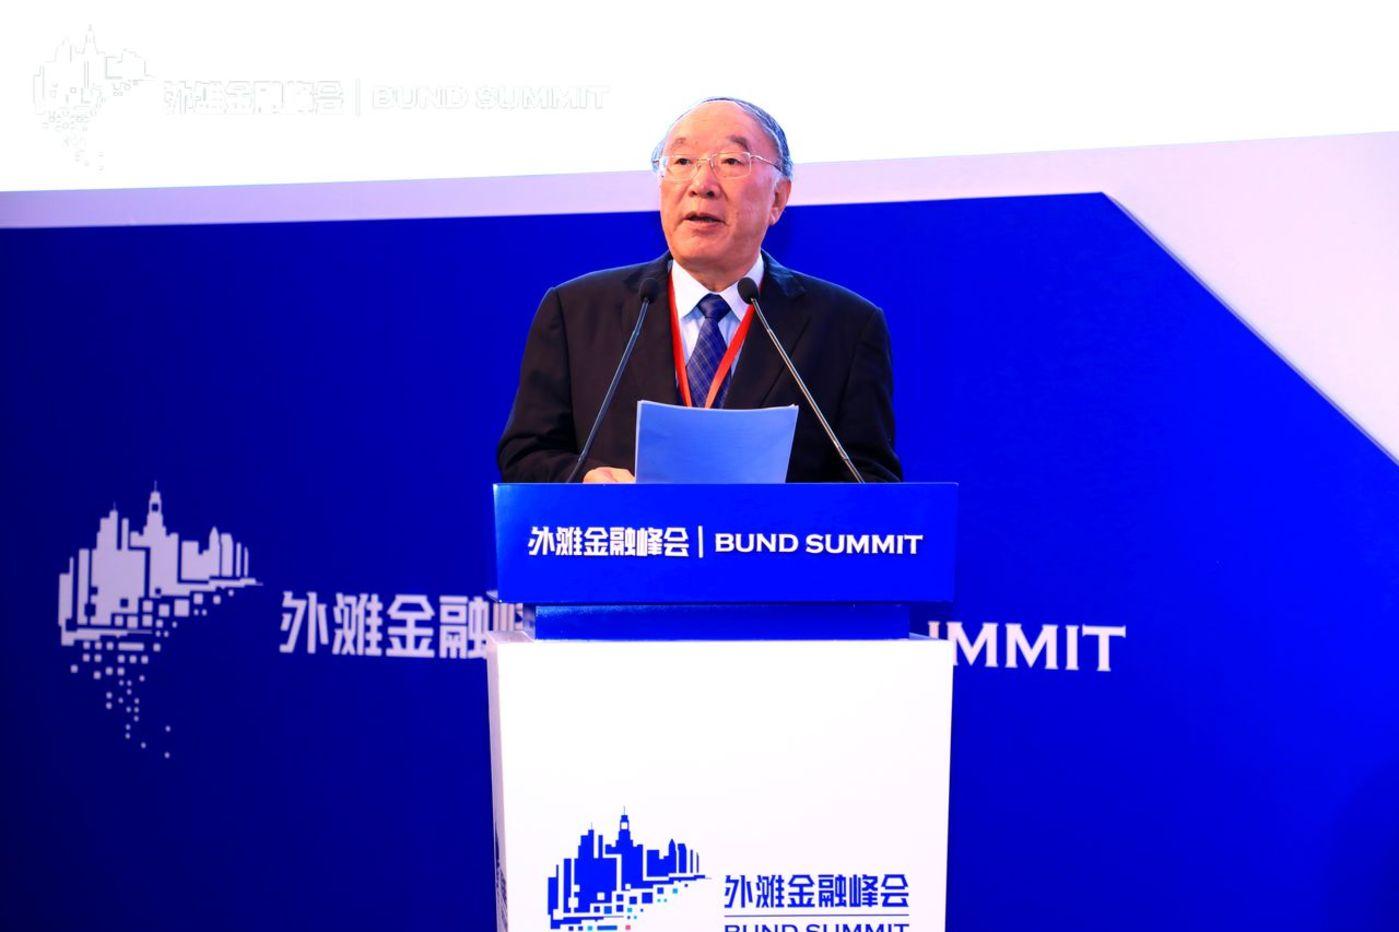 中国国际经济交流中心副理事长黄奇帆